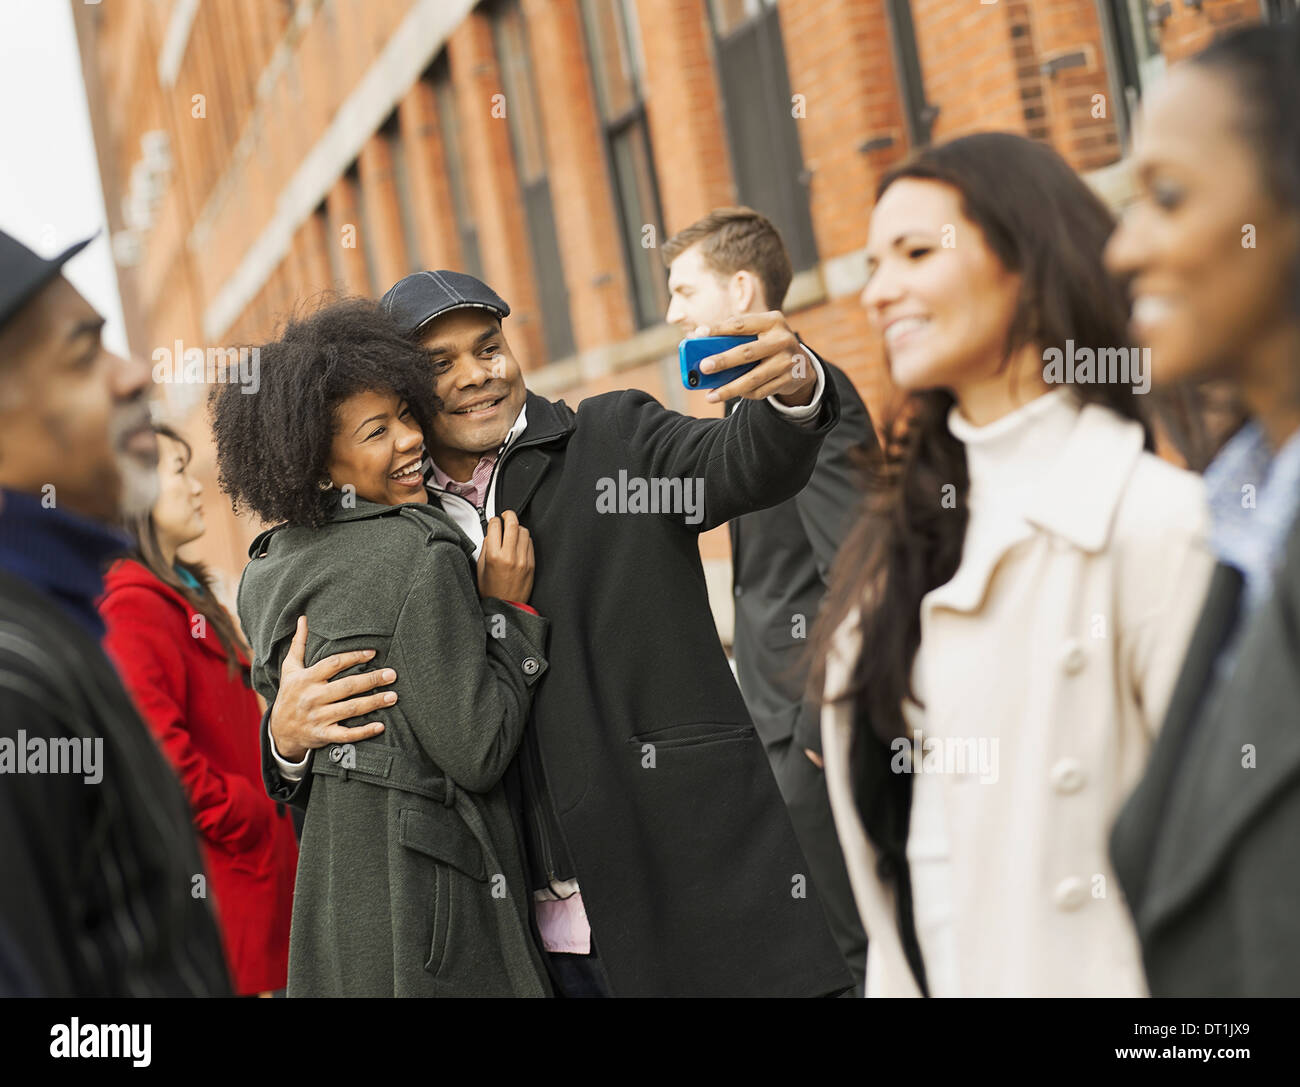 Ein Mann hält ein Kamera-Handy und die Bilder von der Gruppe, eine junge Frau küssen Männer und Frauen Stockbild